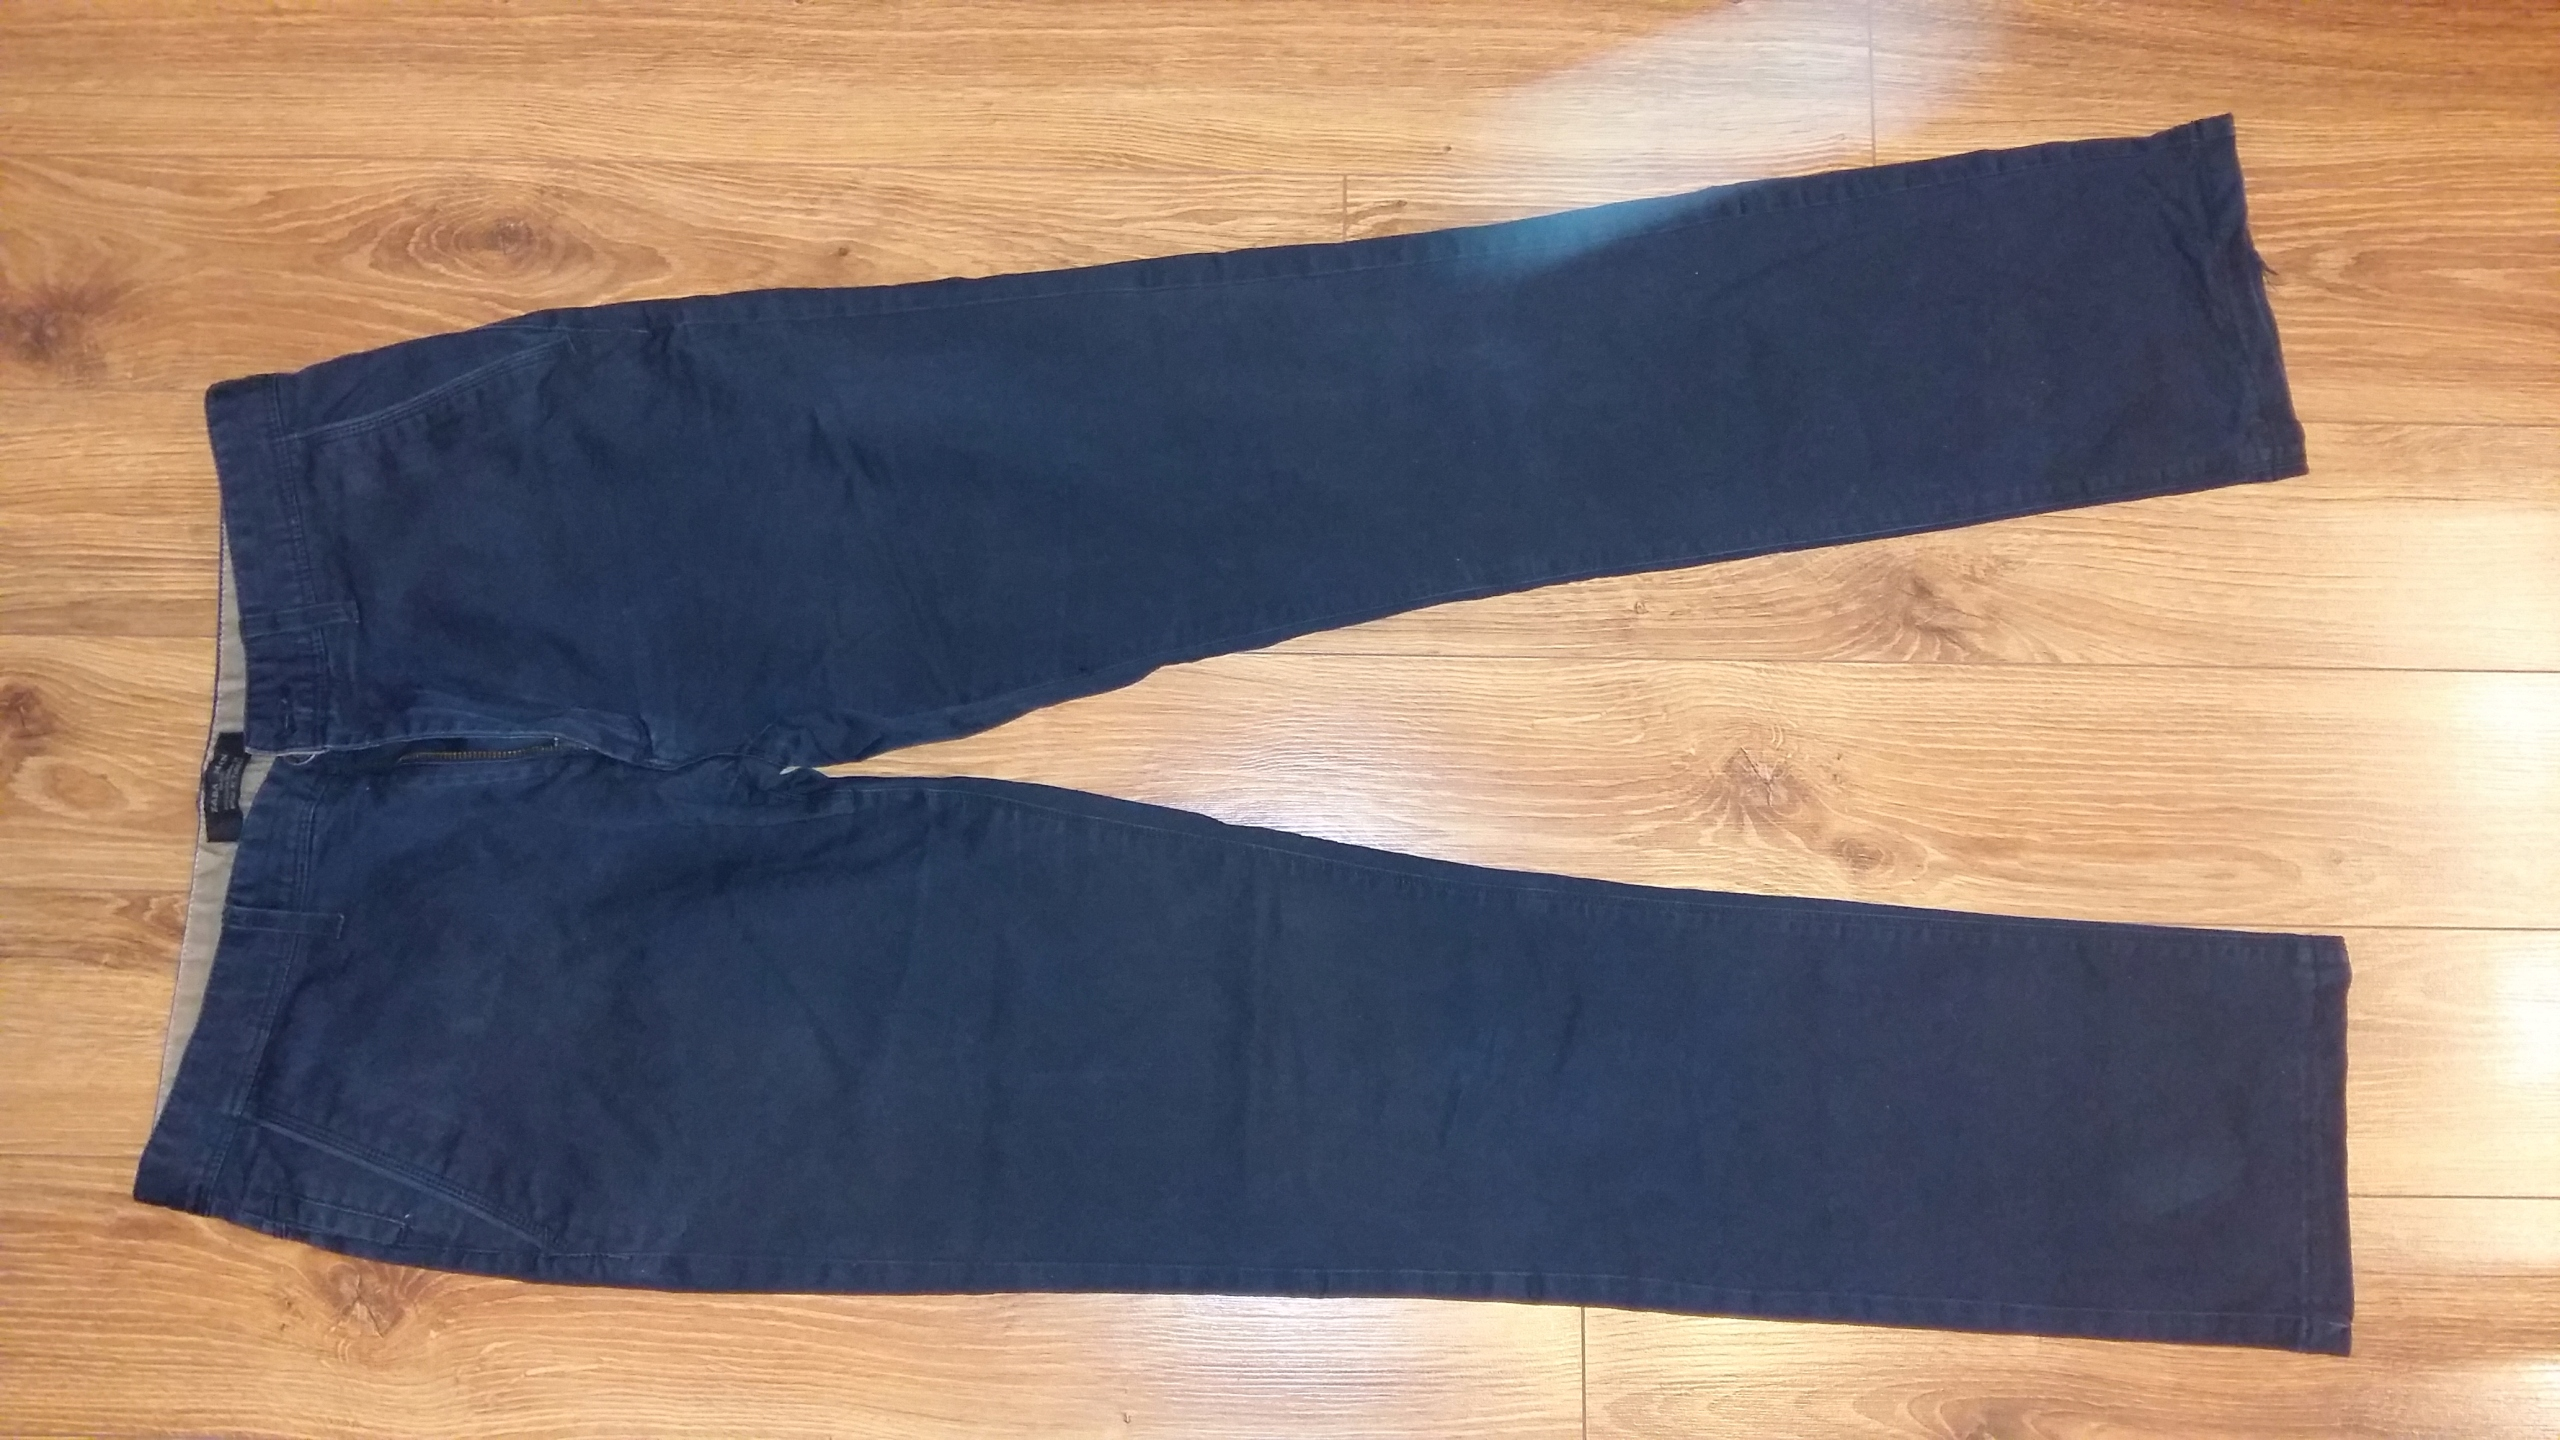 Spodnie ZARA męskie czarne